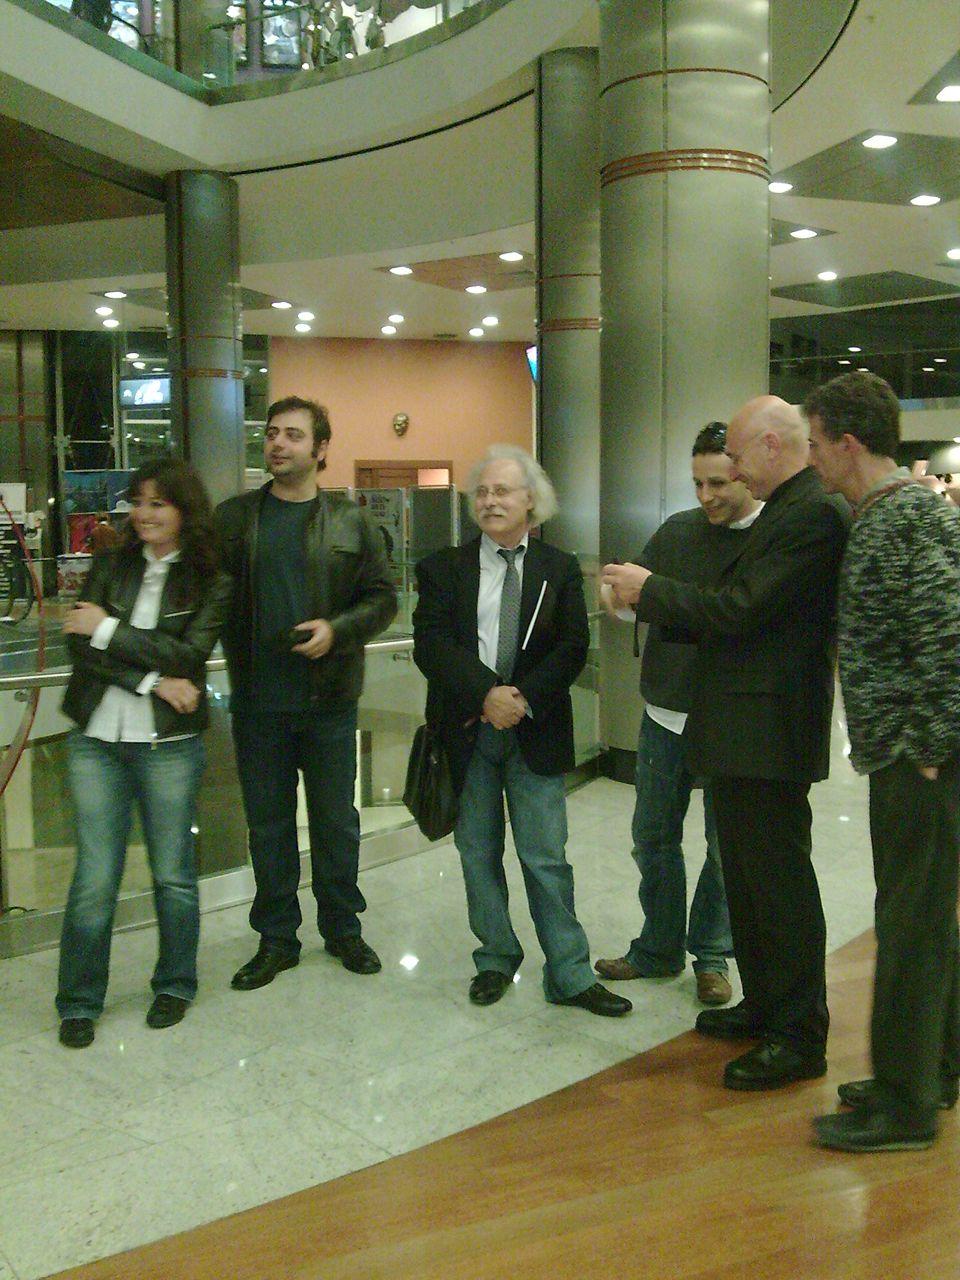 Ferdan Yusufi Sintesi ckm roma istanbul neoartgallery 13